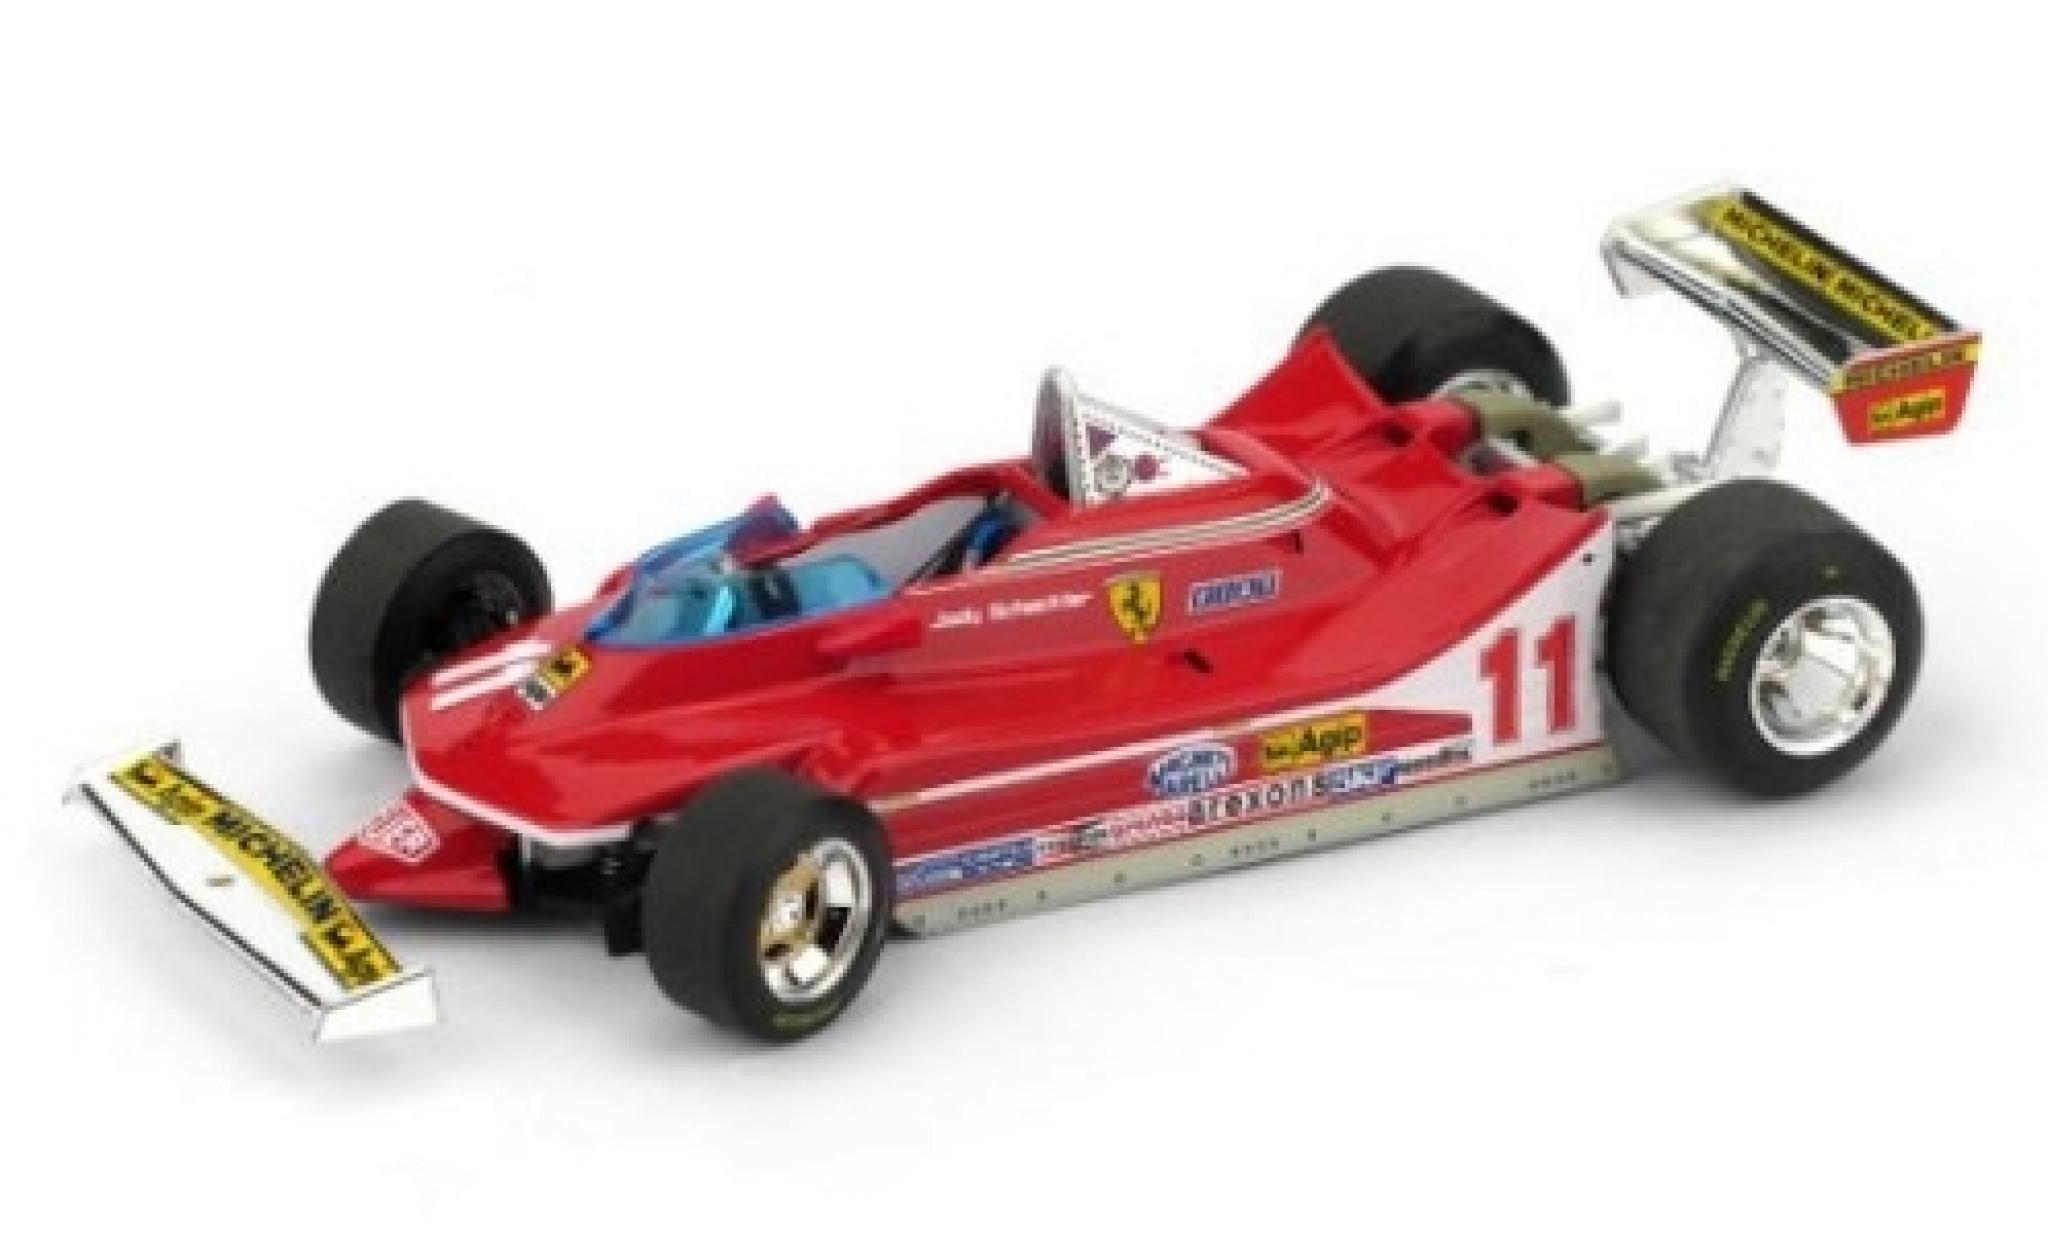 Ferrari 312 1/43 Brumm T4 No.11 Scuderia Formel 1 GP Italien 1979 mit lenkbaren Vorderrädern J.Scheckter